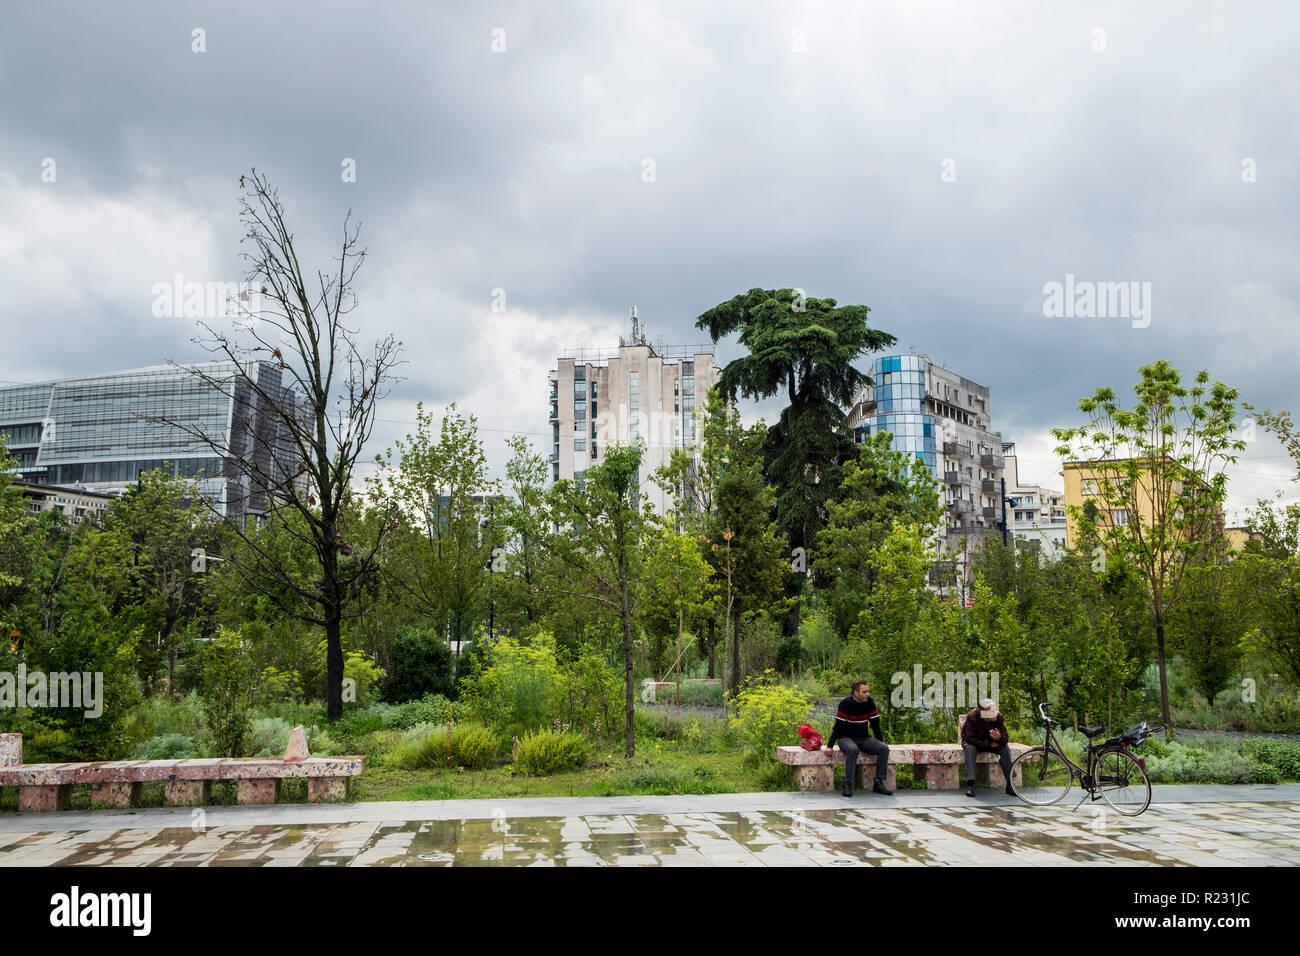 Albania, Tirana, daily life - Stock Image